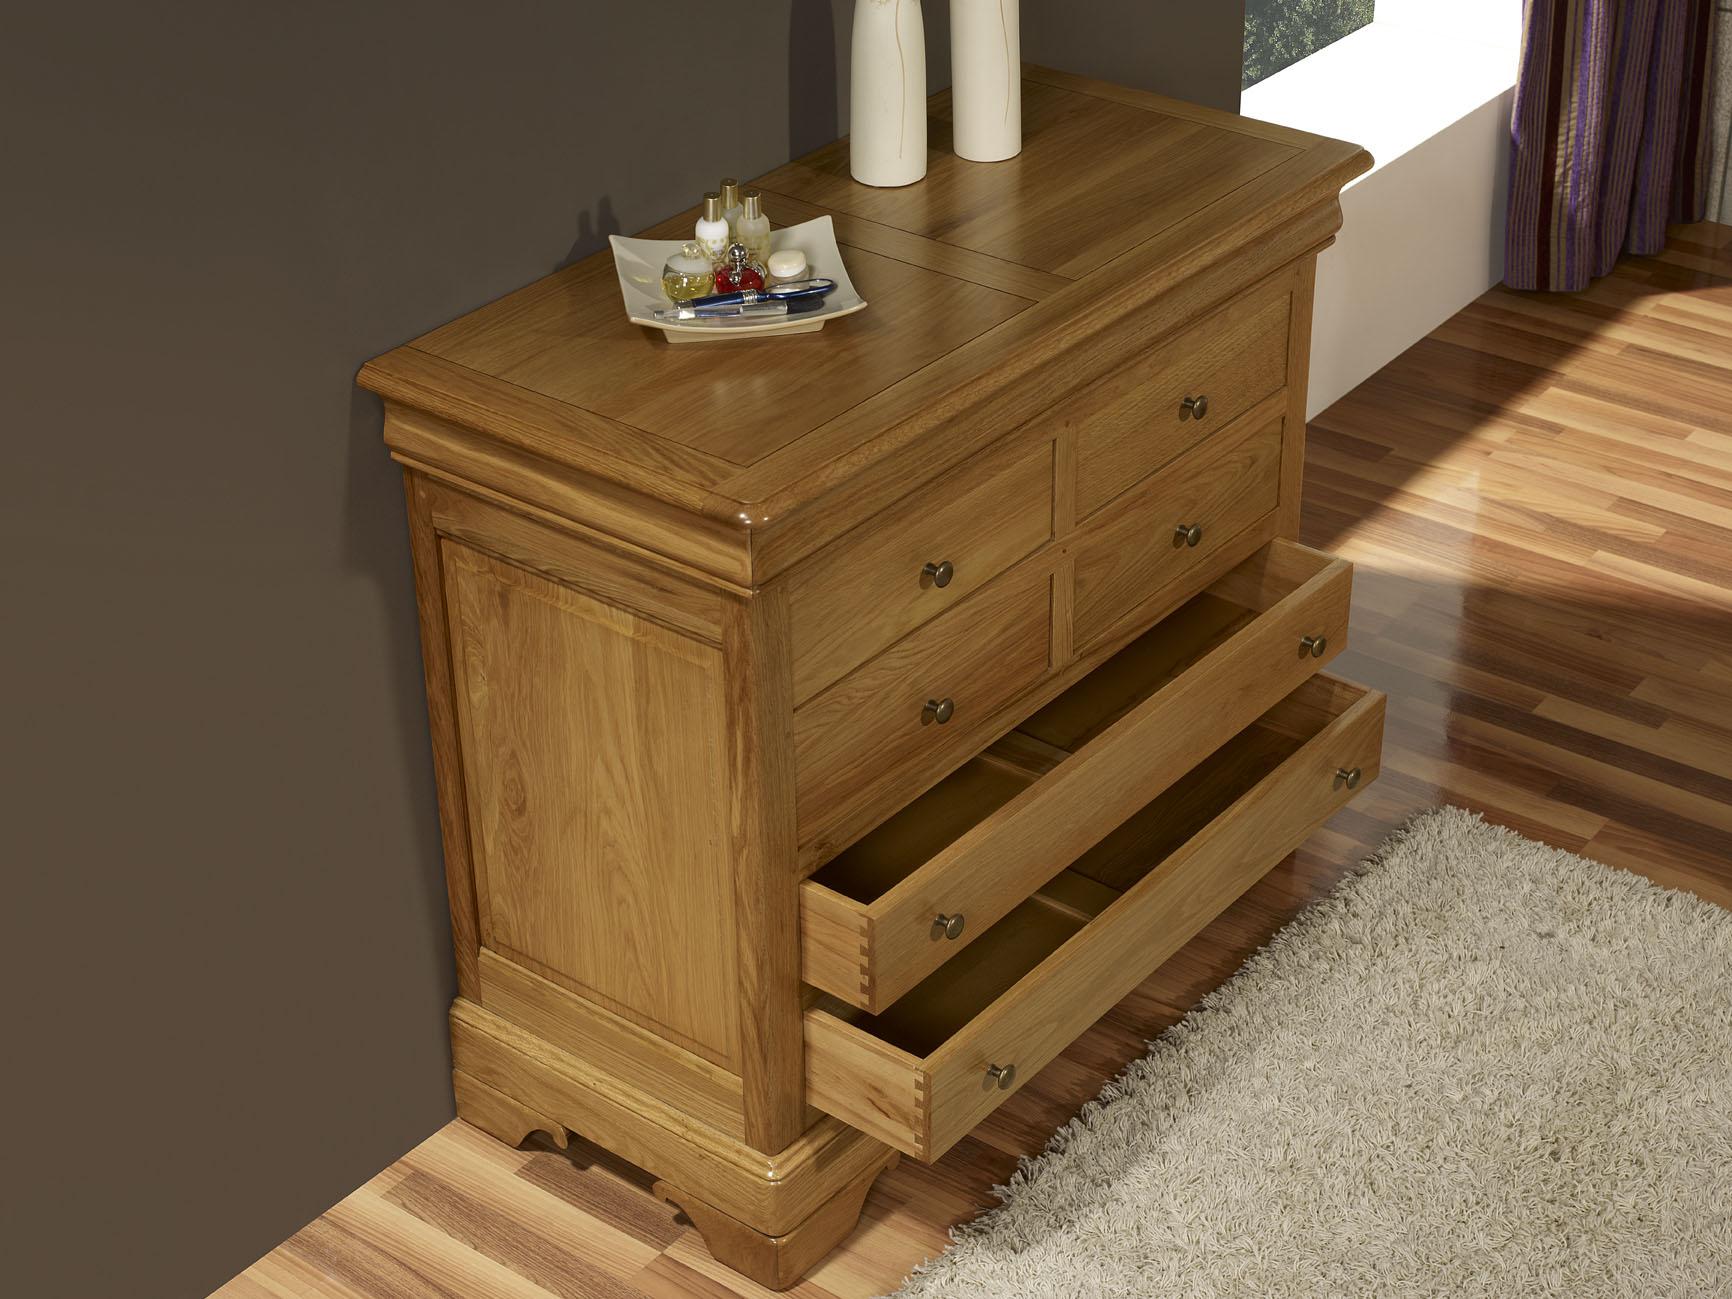 commode 7 tiroirs en ch ne massif de style louis philippe finition ch ne dor meuble en ch ne. Black Bedroom Furniture Sets. Home Design Ideas